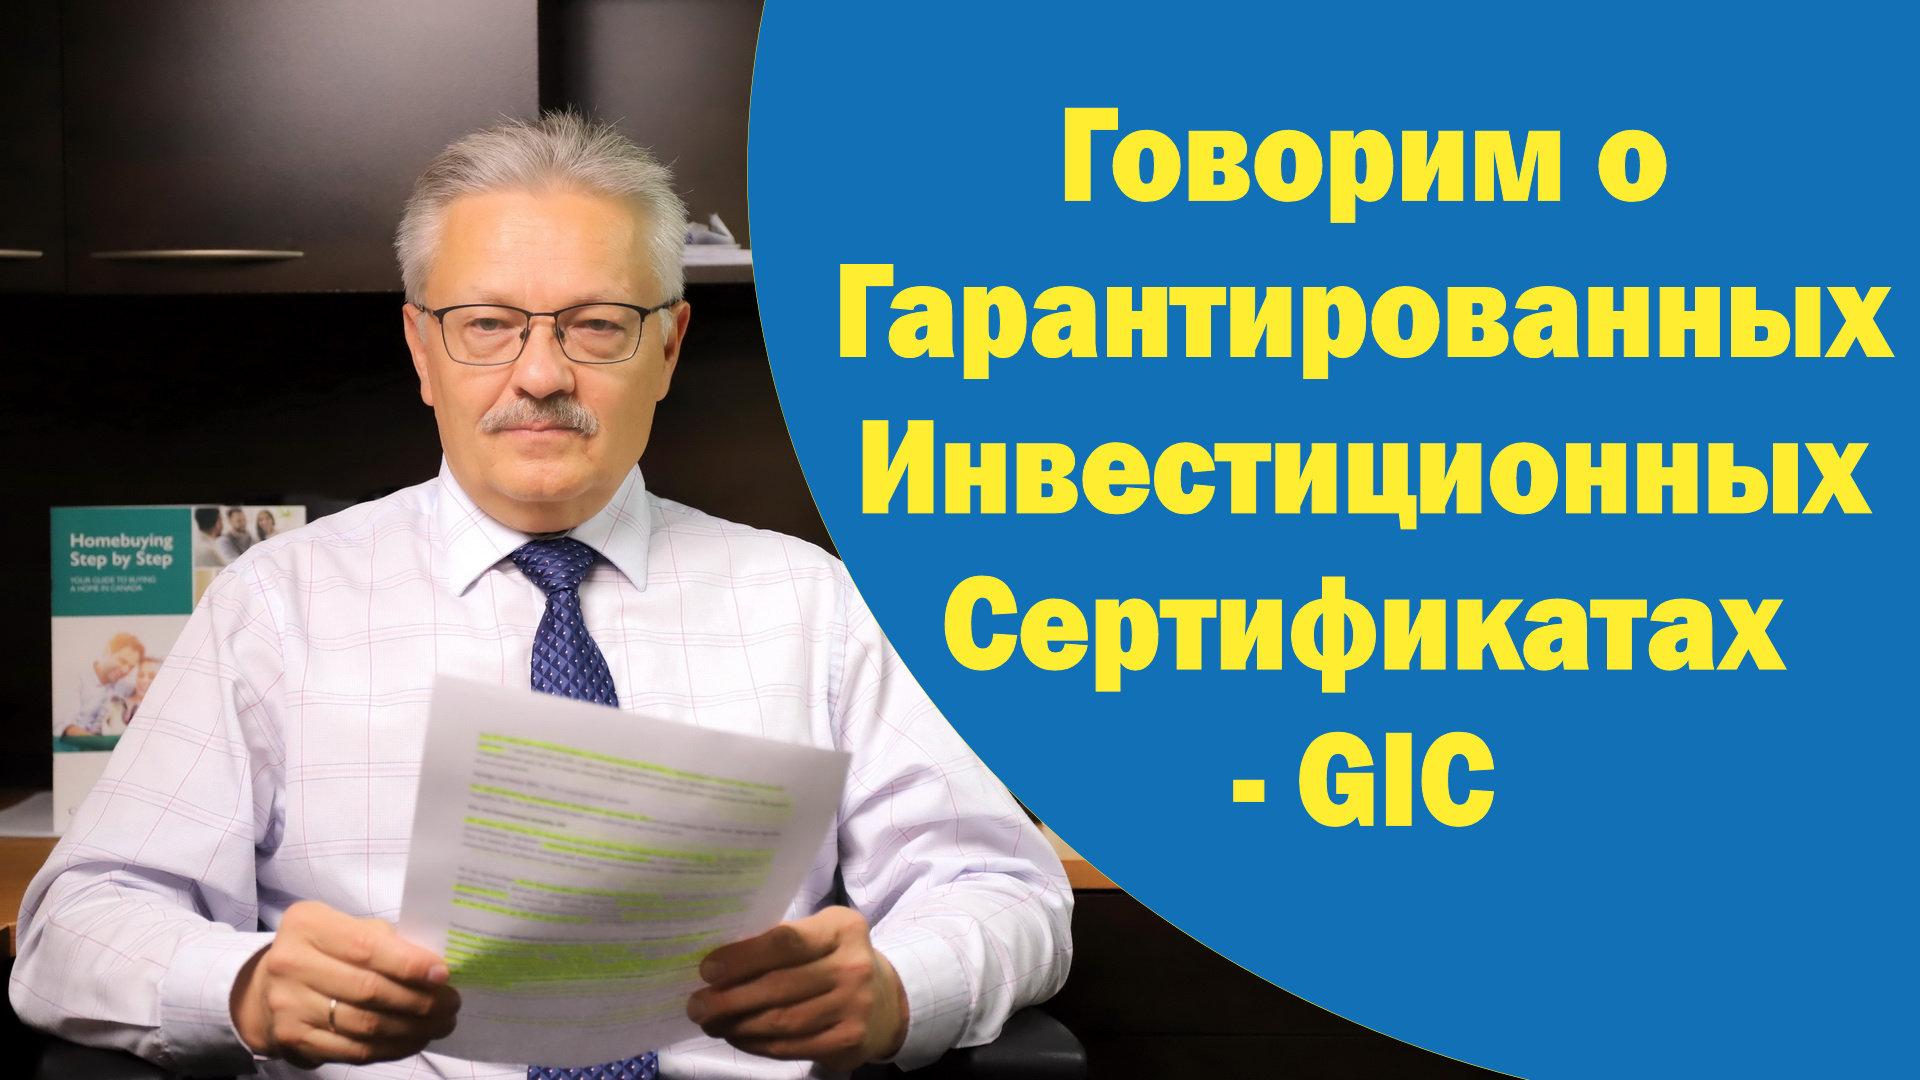 Что такое GIC?